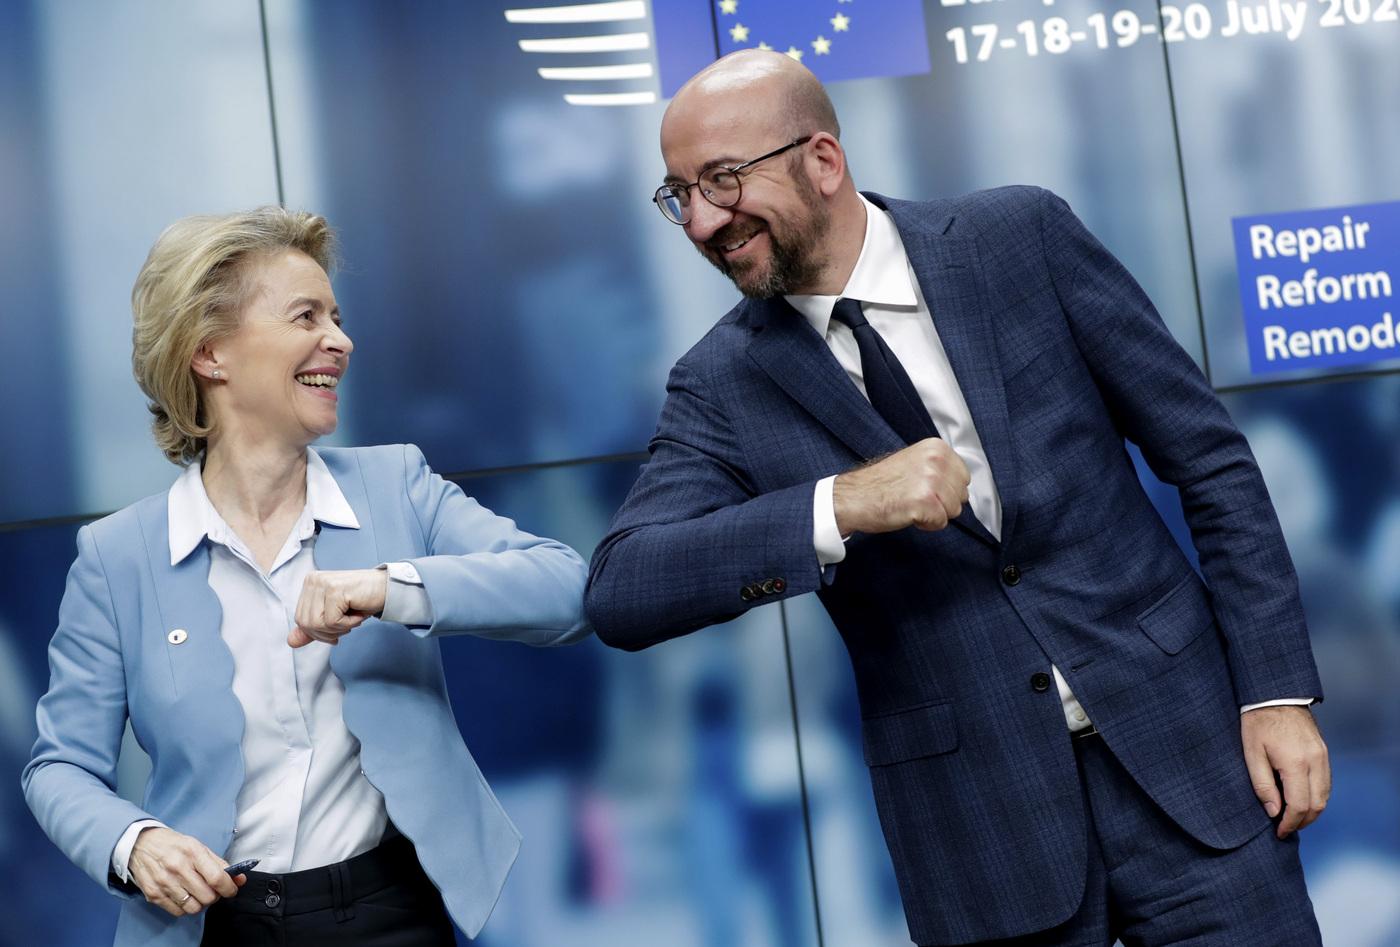 Consiglio europeo, l'accordo all'alba del quinto giorno